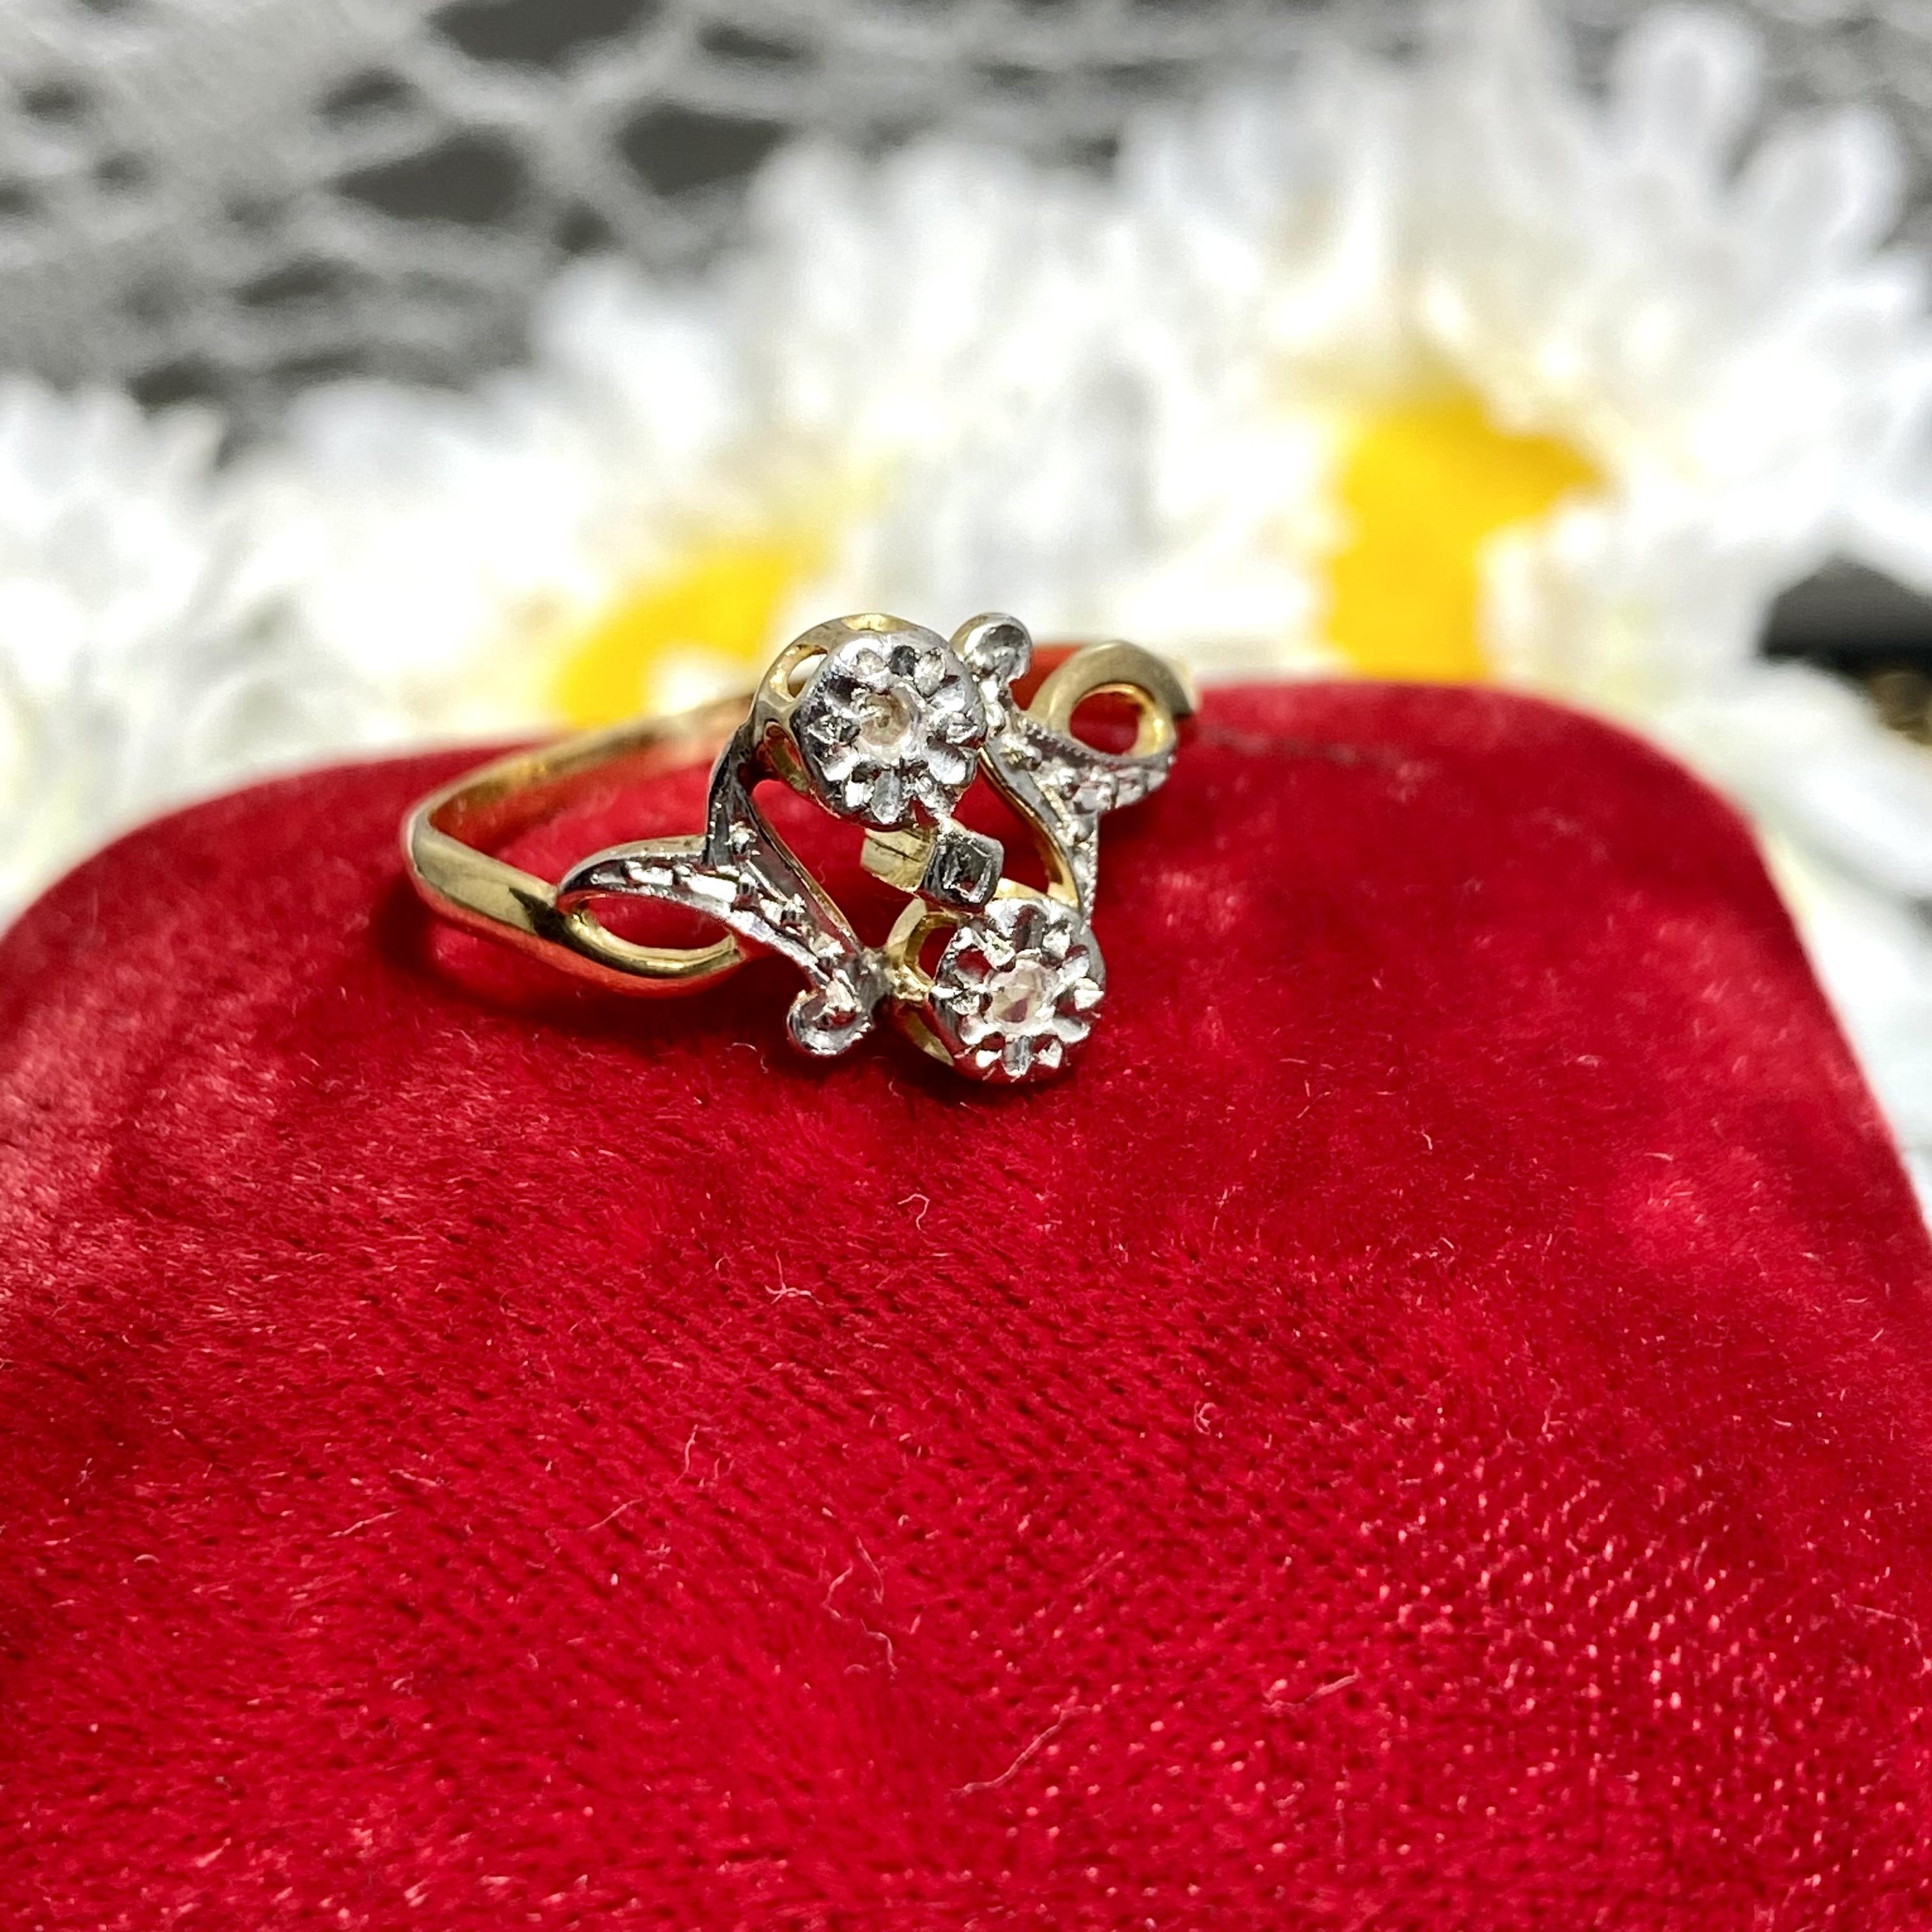 フランスアンティークリング★トワエモアあなたと私★鷹k18★oldローズカットダイヤモンド